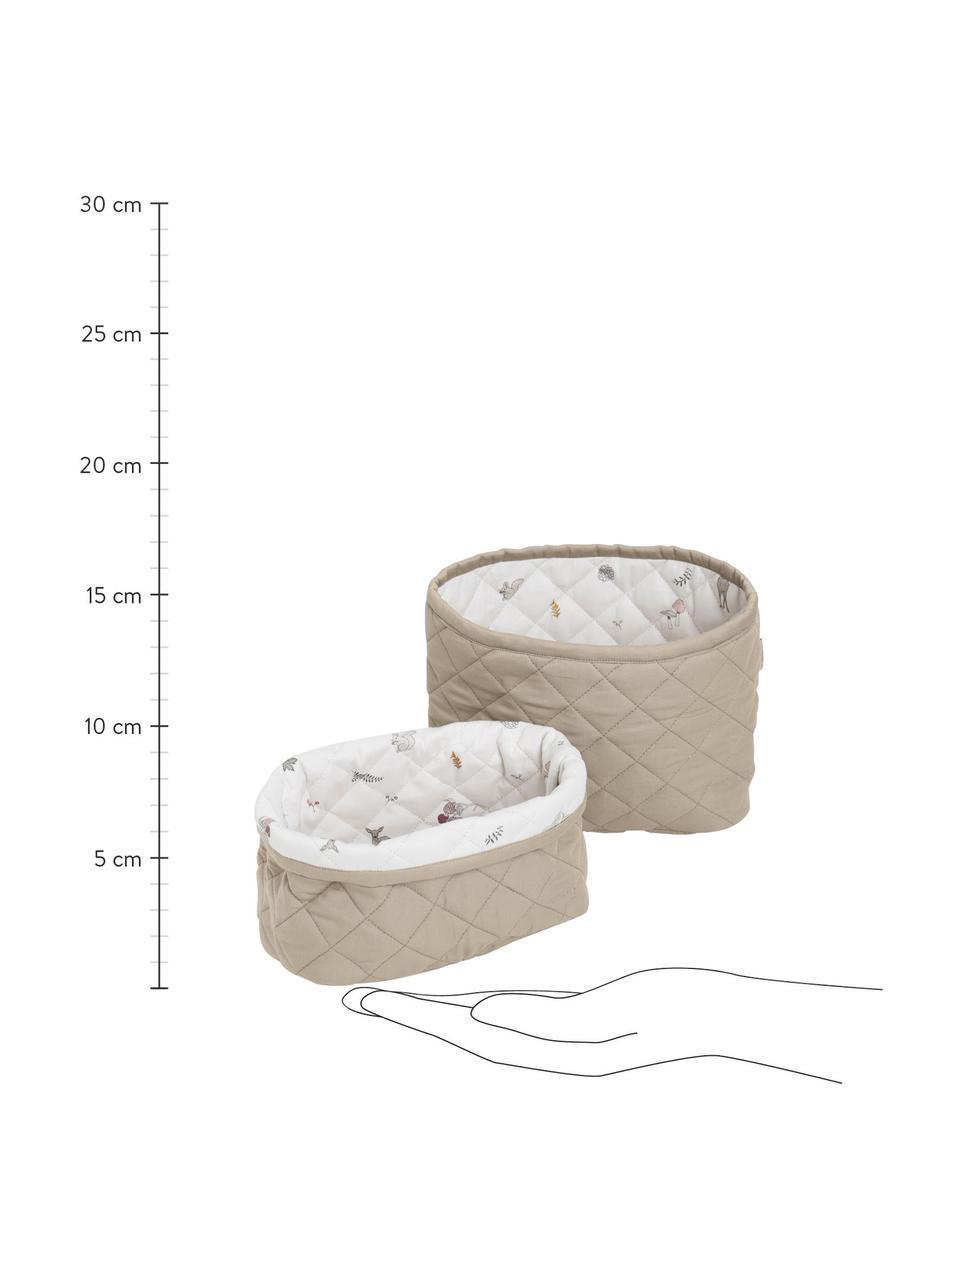 Komplet koszy do przechowywania  z bawełny organicznej Fawn, 2 elem., Tapicerka: bawełna organiczna, Biały, brązowy, beżowy, Komplet z różnymi rozmiarami